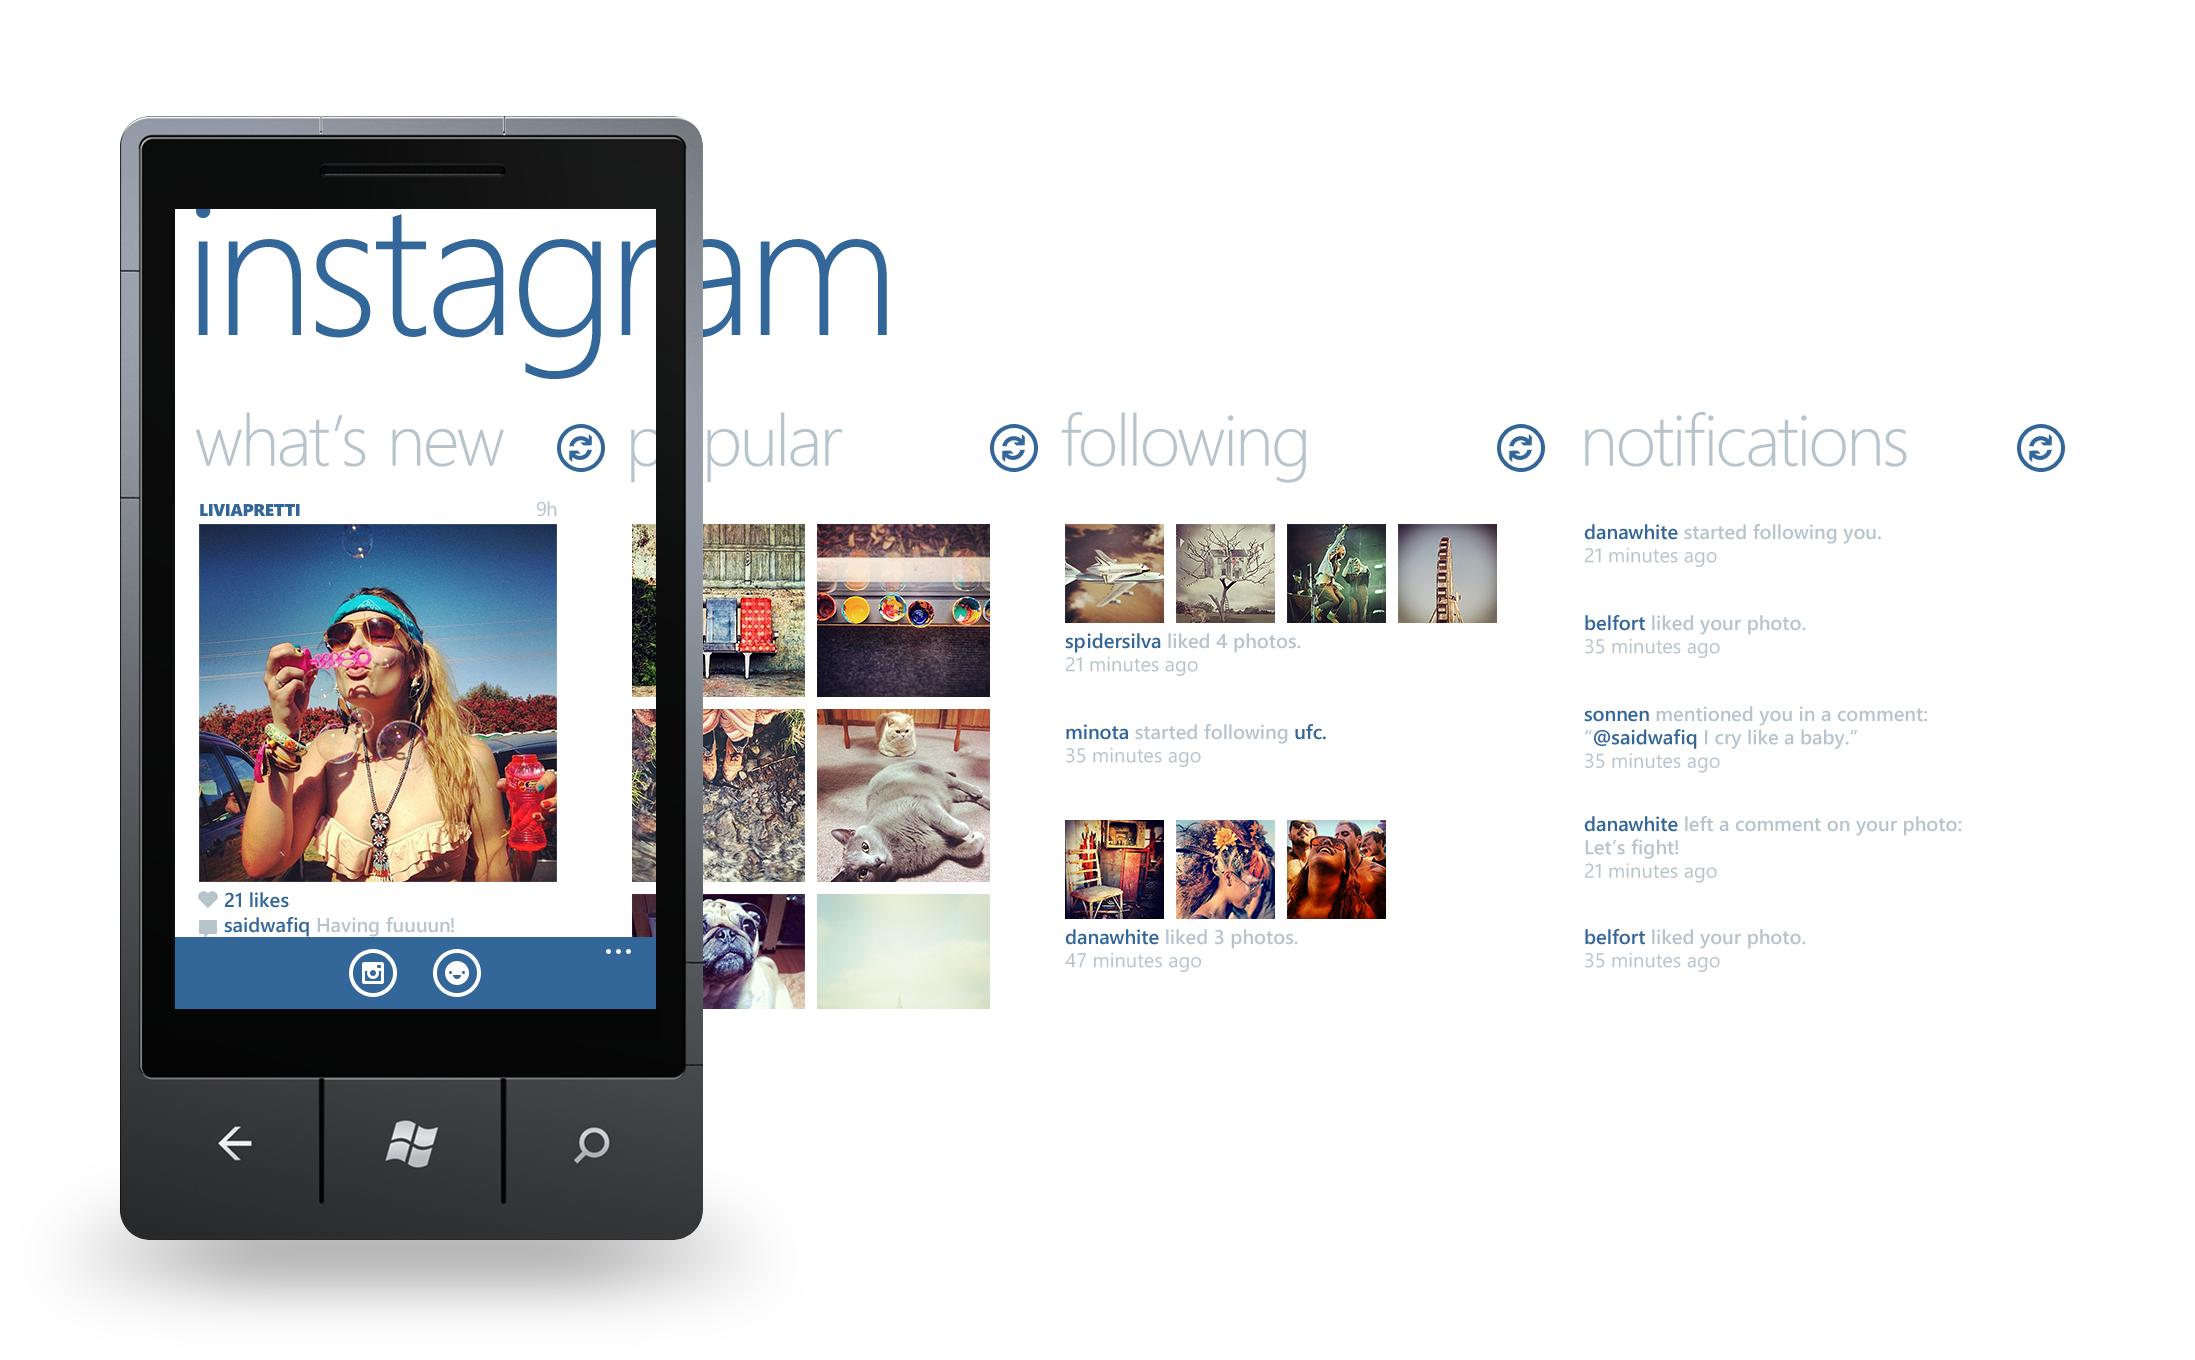 Executivo da Nokia afirma que Instagram está chegando ao